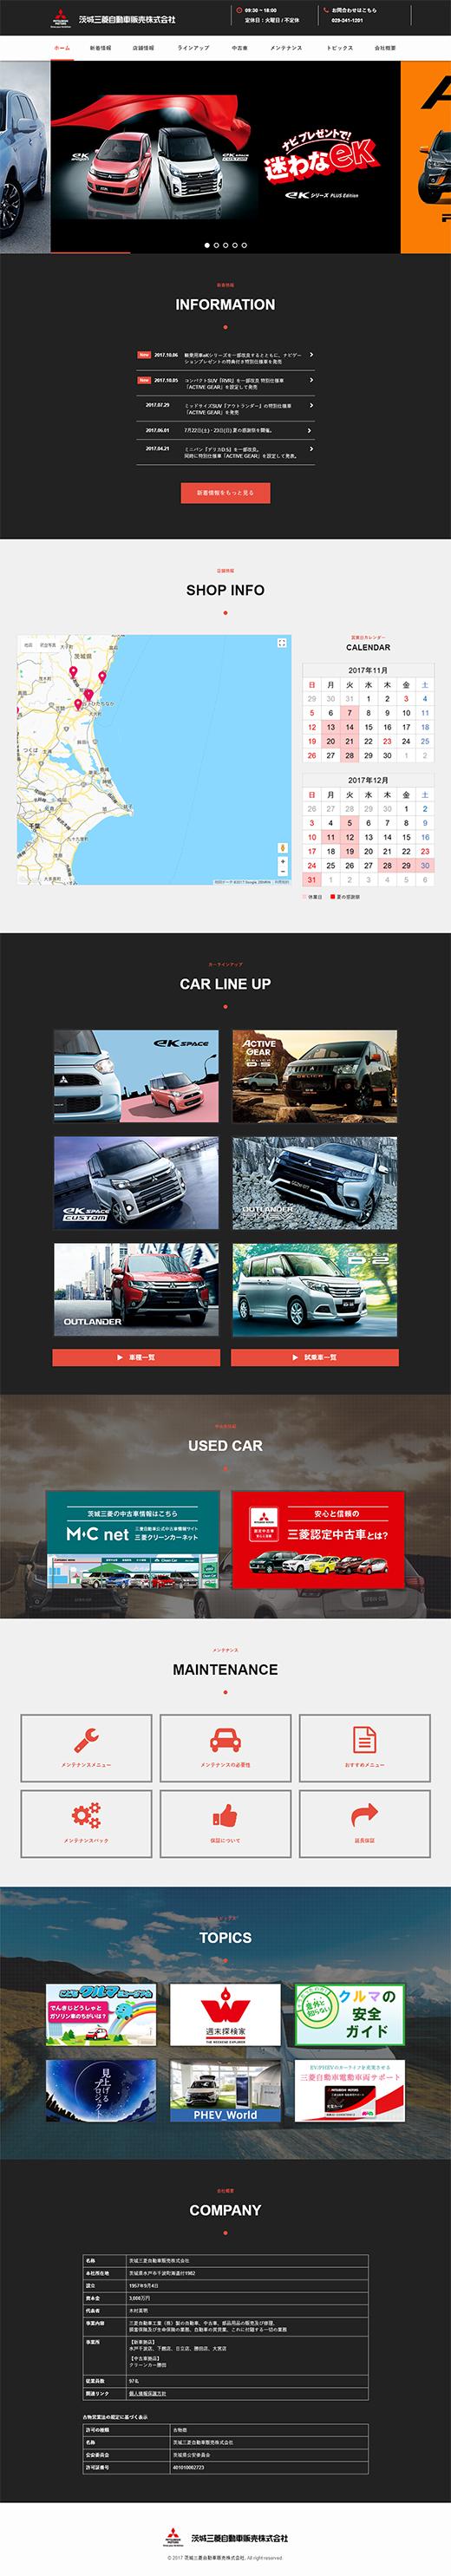 茨城三菱自動車販売株式会社PC画像